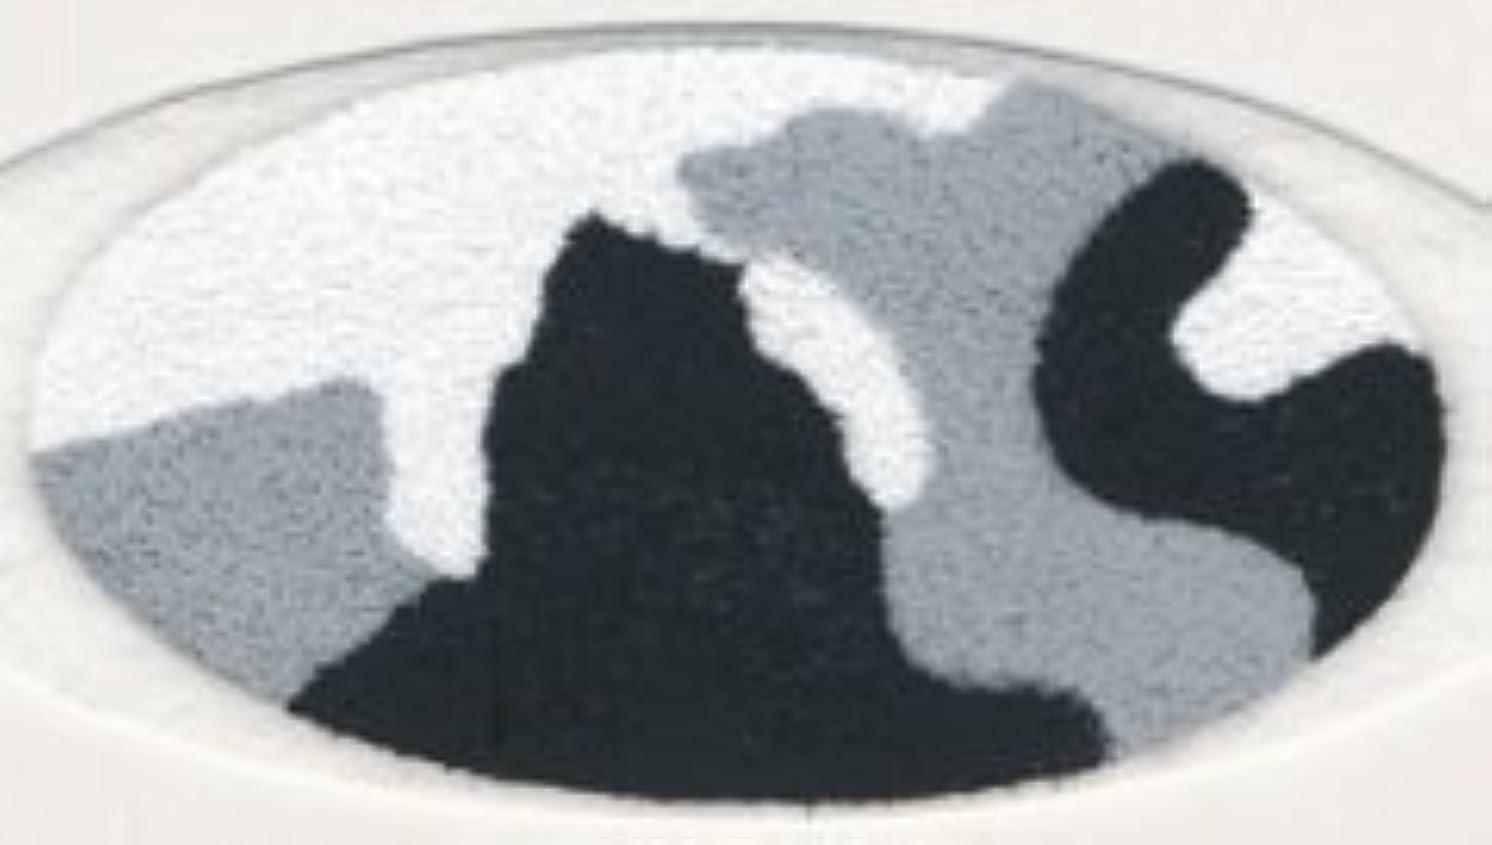 ベンチ学生抵抗米国シネマシークレット社製 ブラックカモフラージュ 貼るインスタントアイシャドウ(カラーオン) Black Camo CO057